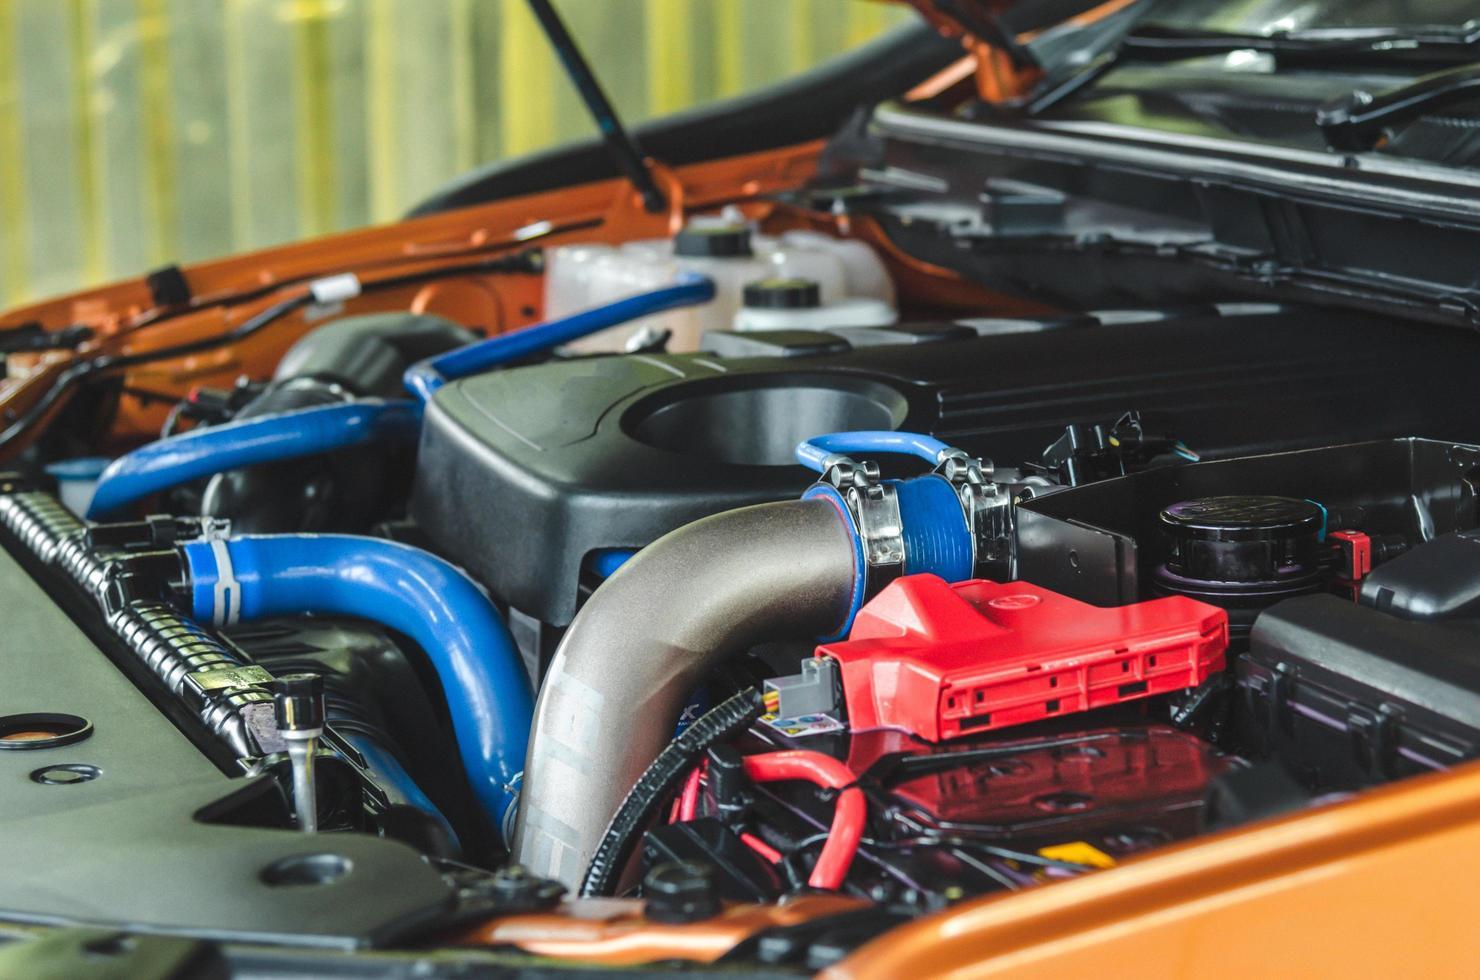 primo piano del motore dell'auto foto